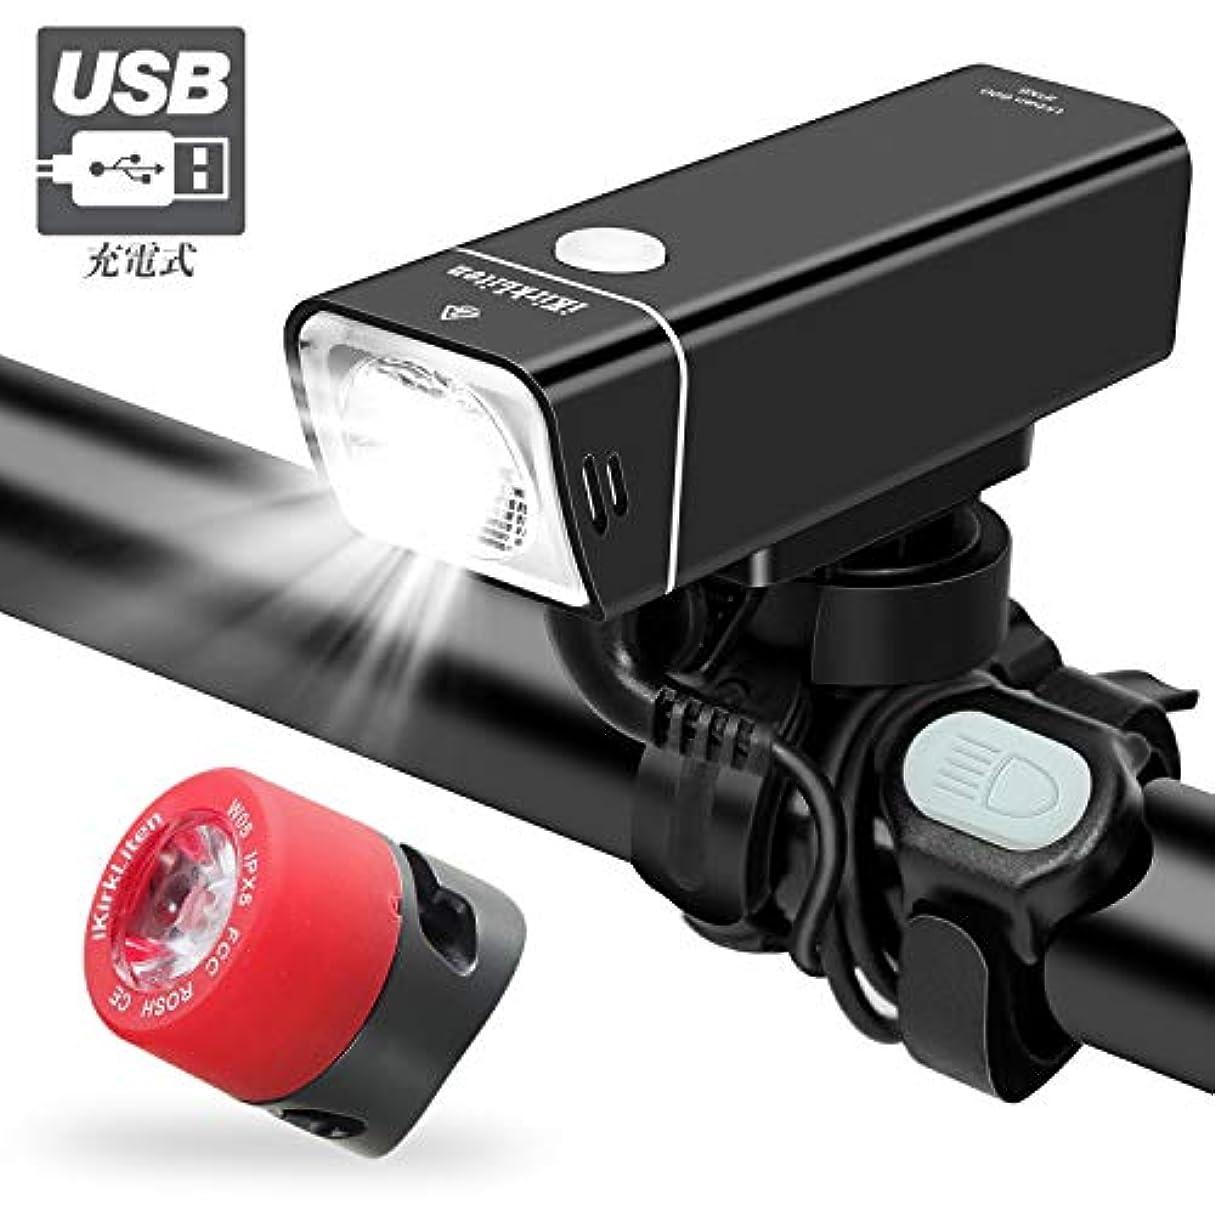 回復その間オゾンiKirkLiten アーバン 600ルーメン 自転車ライト 前後 USB充電式自転車ヘッドライト フリーテールライト バイクライトセット アルミ合金 防水 W有線リモートボタン 5つ点灯モード